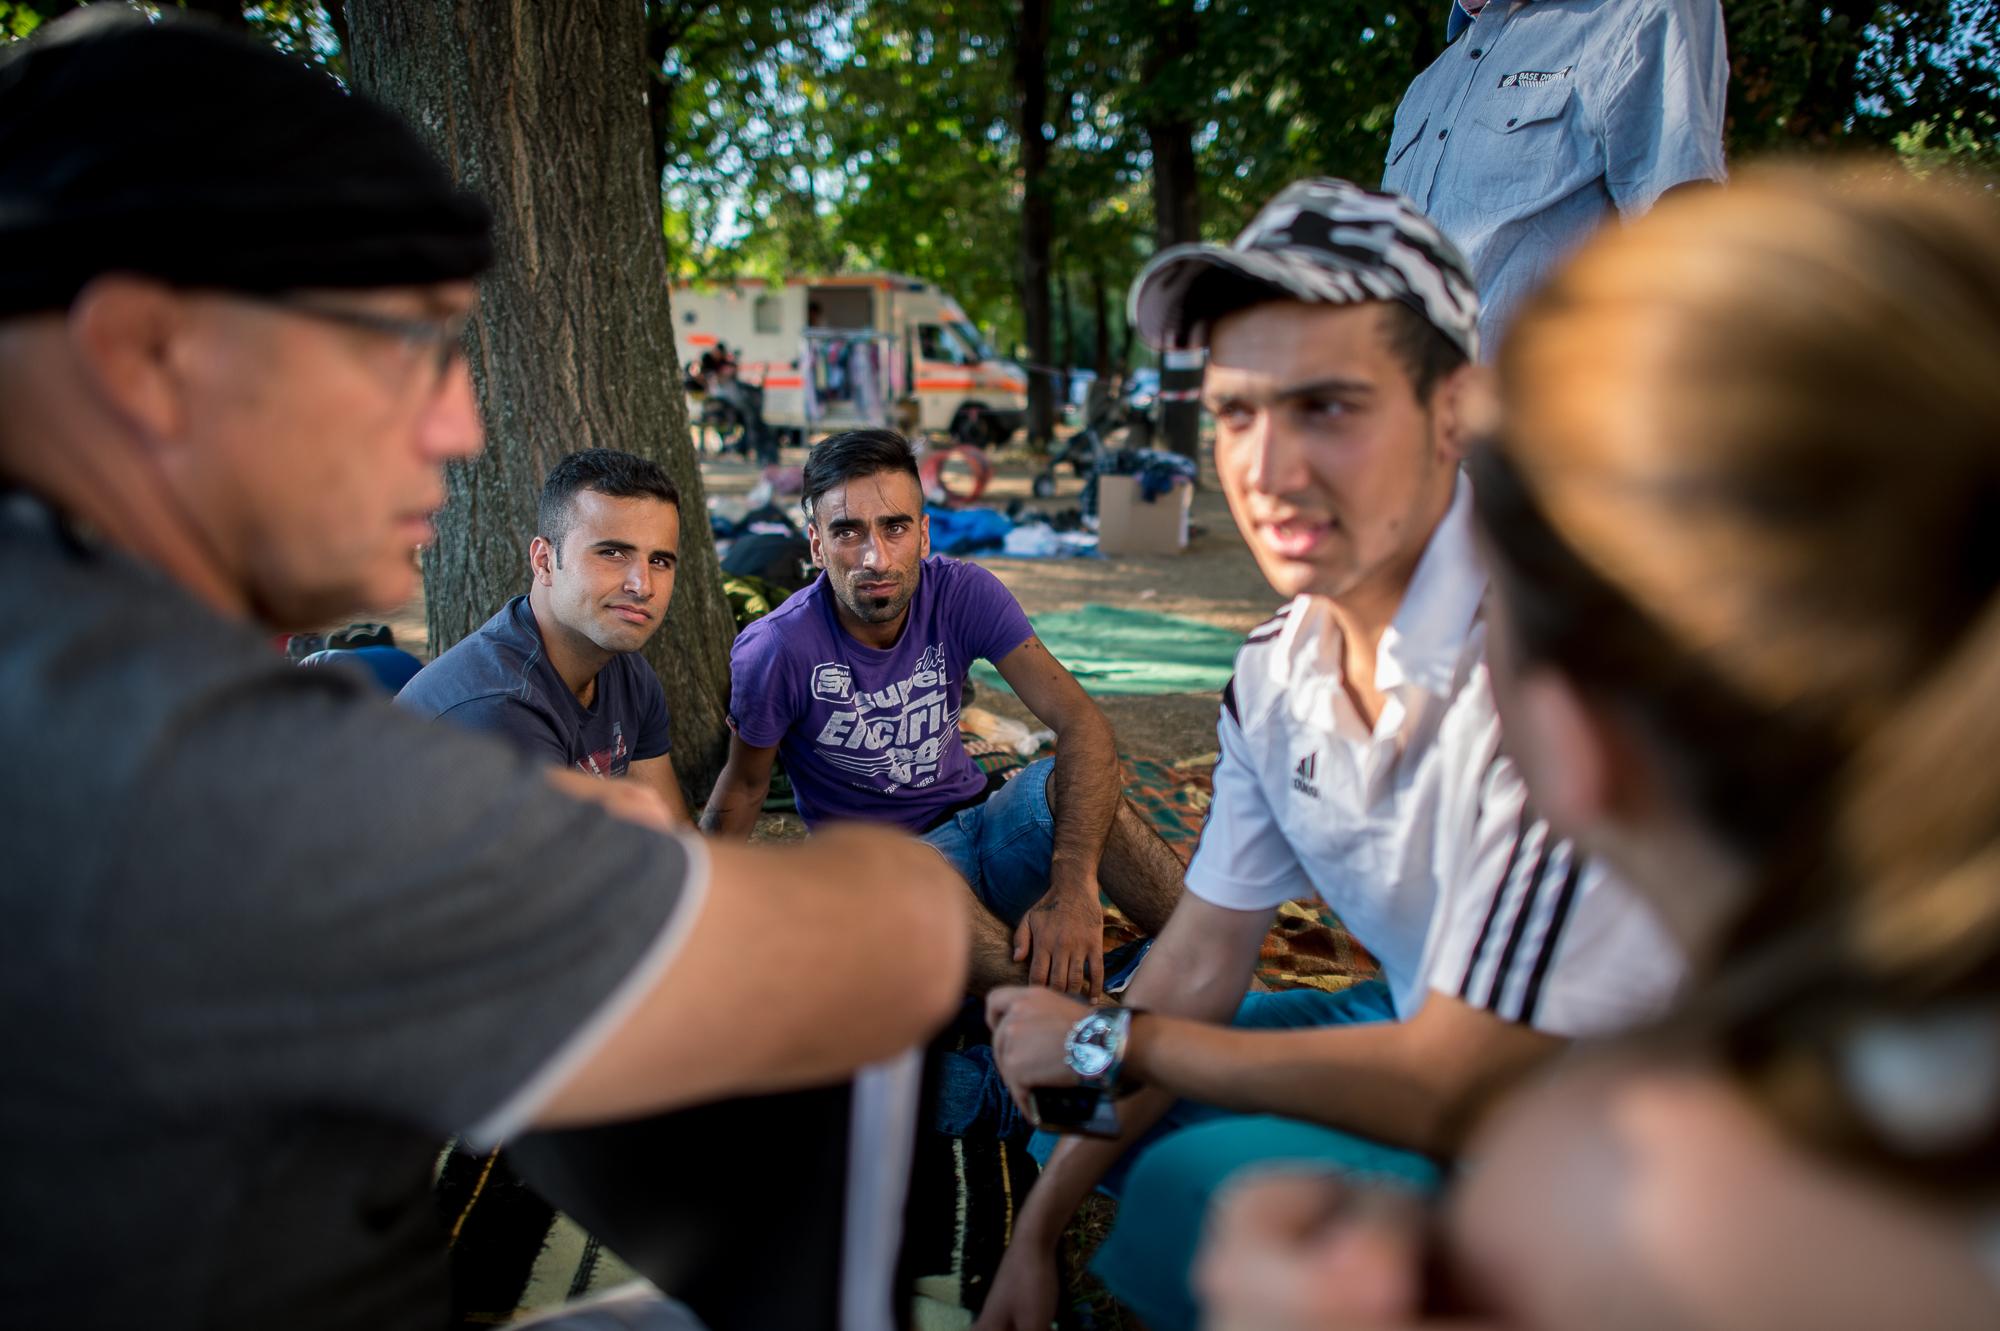 Szír menekültek beszélgetnek önkéntesekkel a civilek által működő várakozó helyen a pécsi vasútállomás mellett 2015. augusztus 31-én.